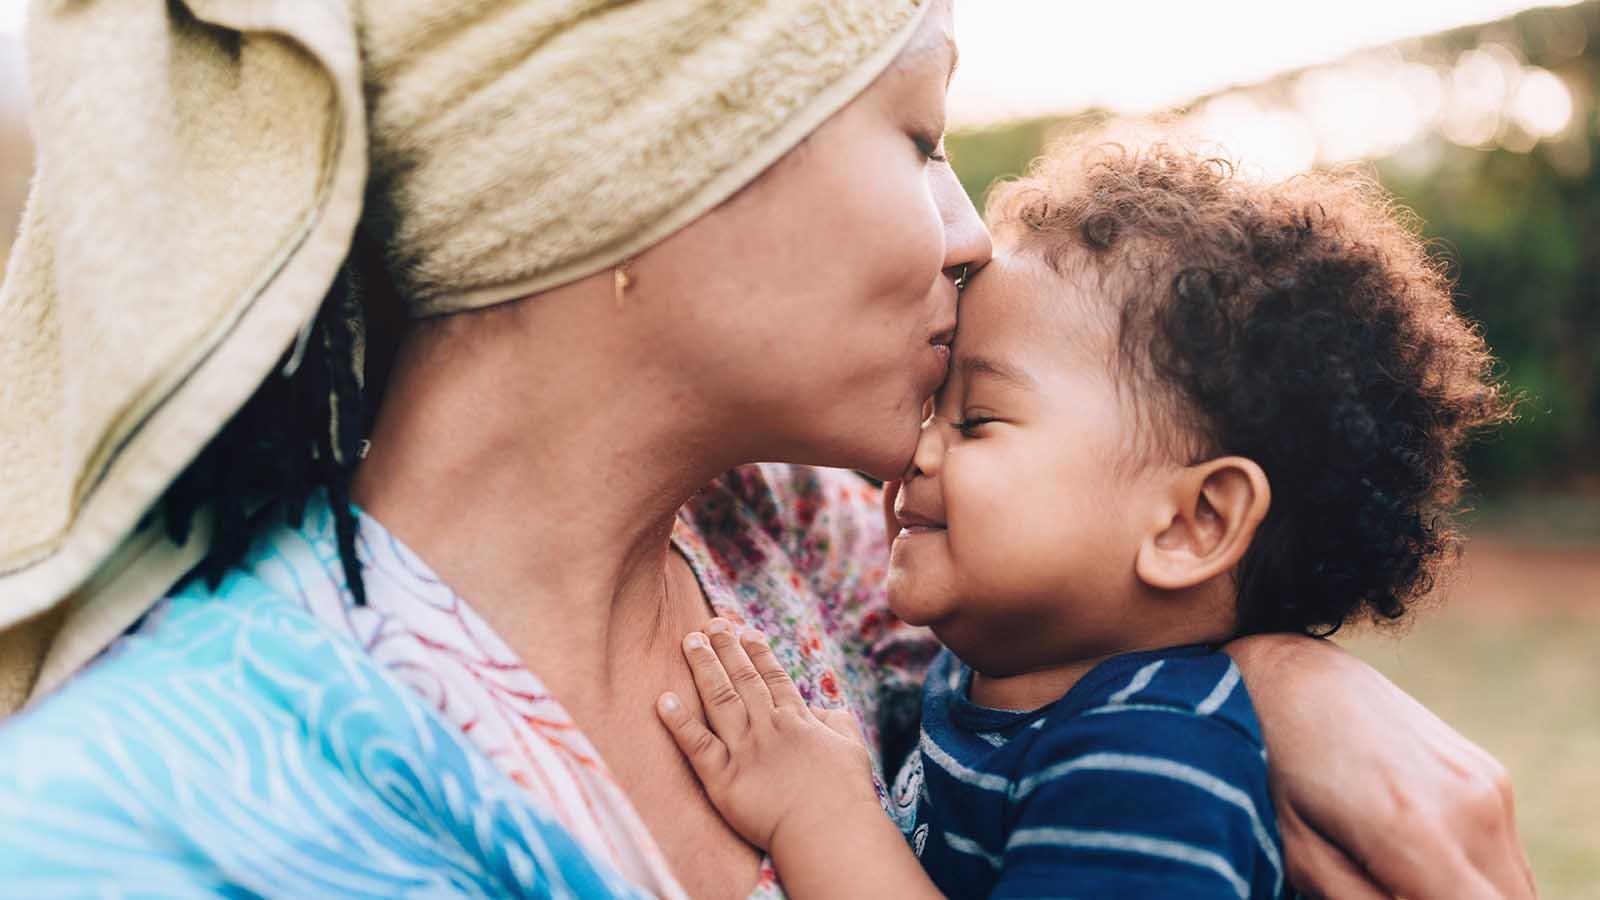 Una mamma insieme al suo bambino concepito con seme di donatore